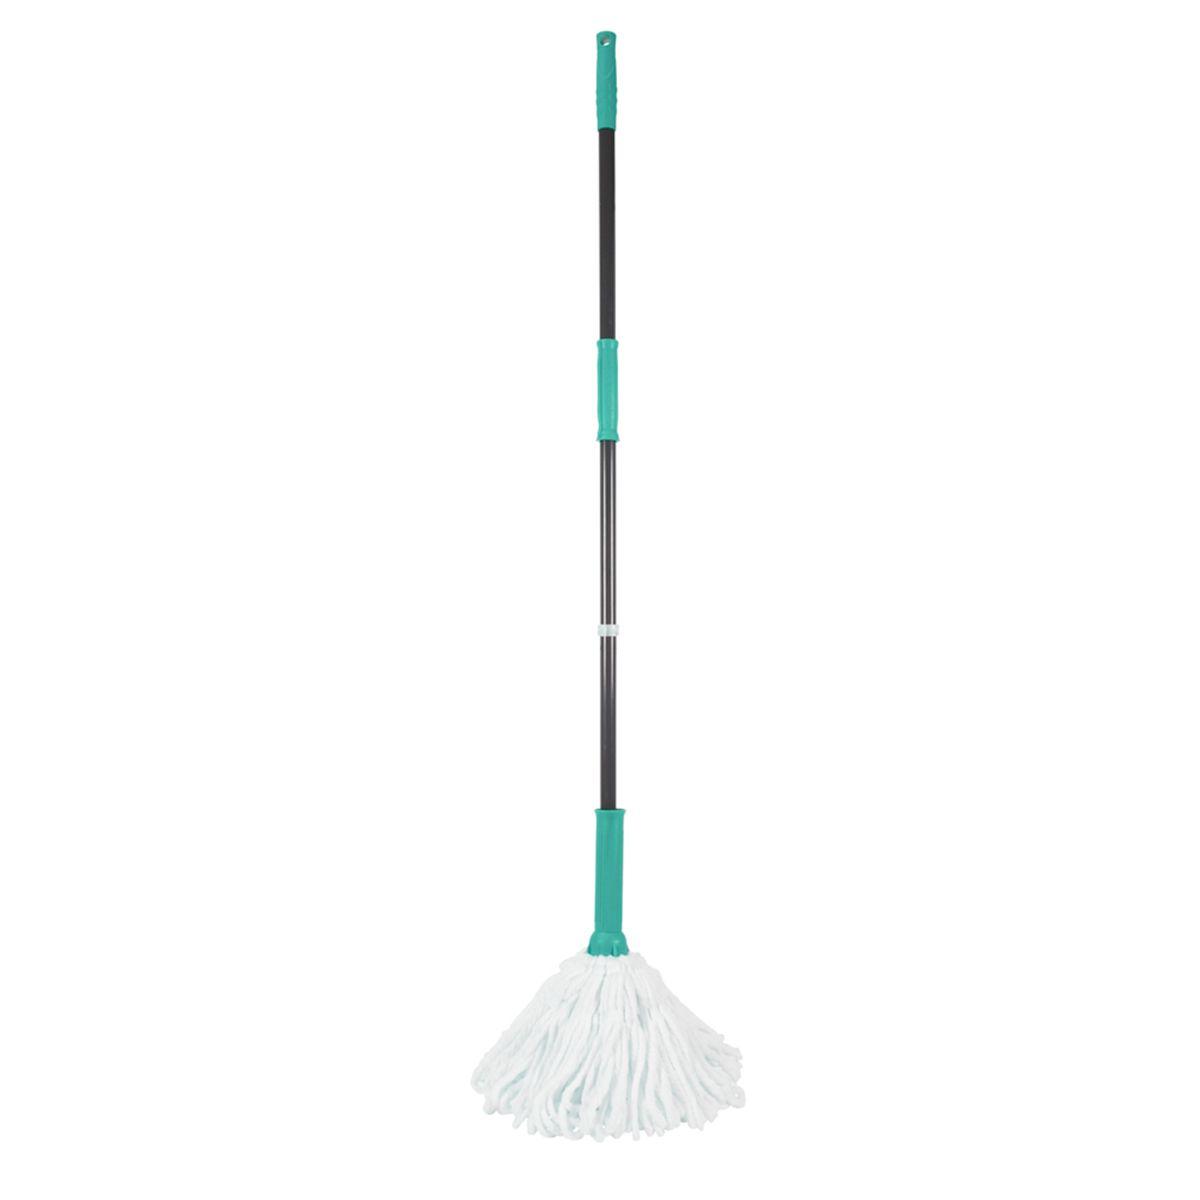 JVL Super-Absorbent Easy Twist Microfibre Floor Mop Turquoise/Grey